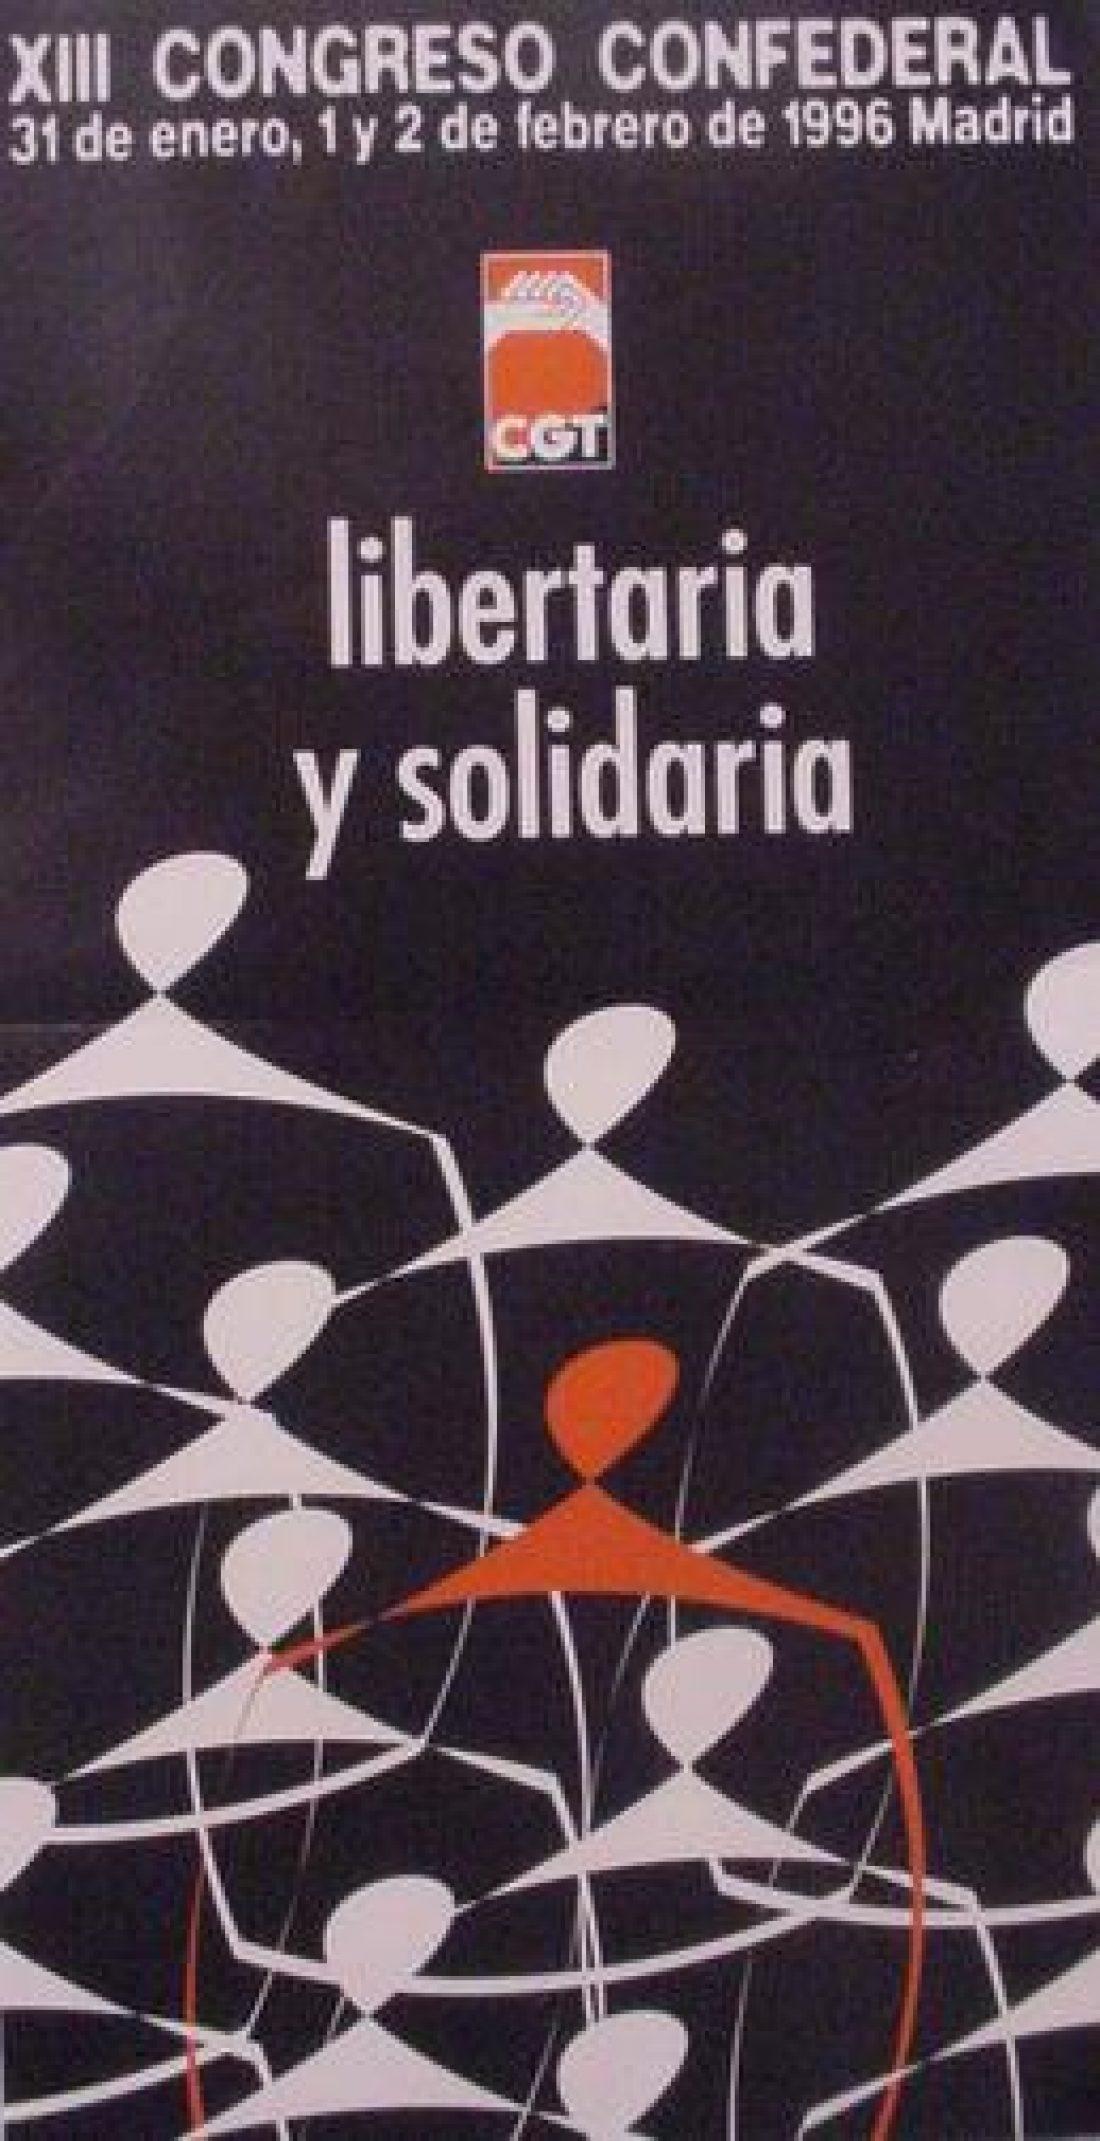 XIII Congreso Confederal Madrid 1996